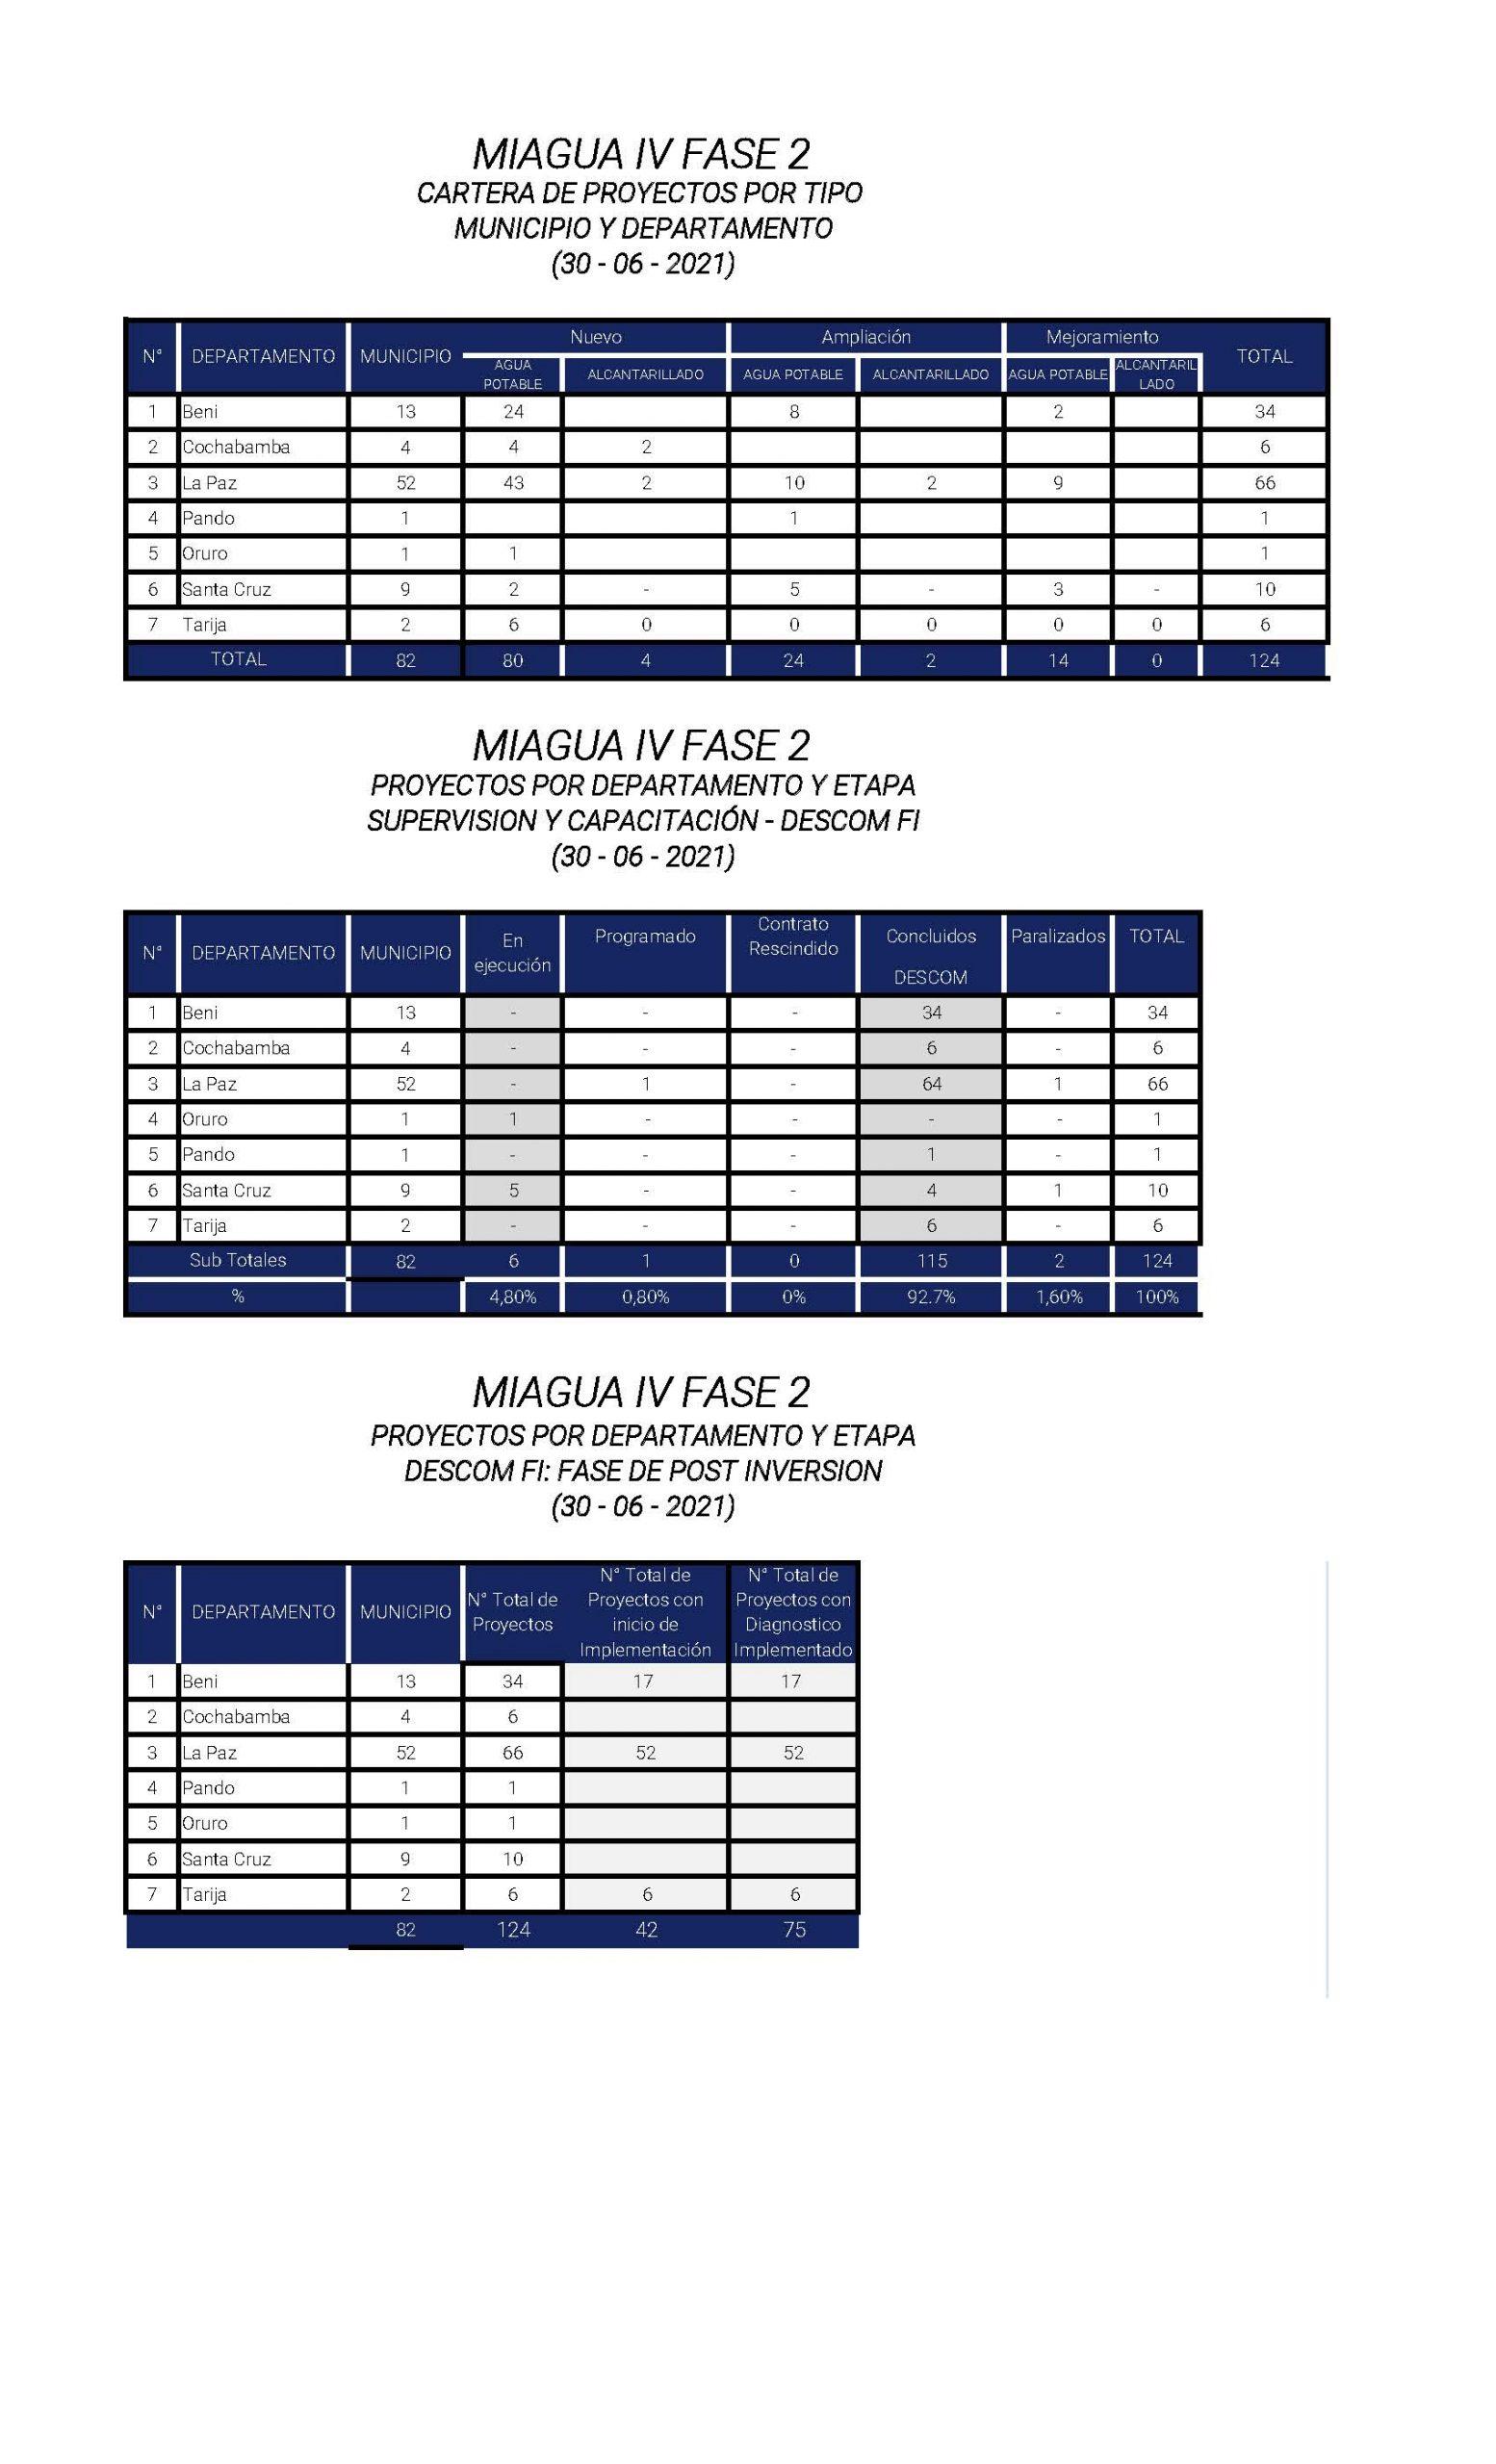 PROGRAMA MIAGUA IV FASE 2